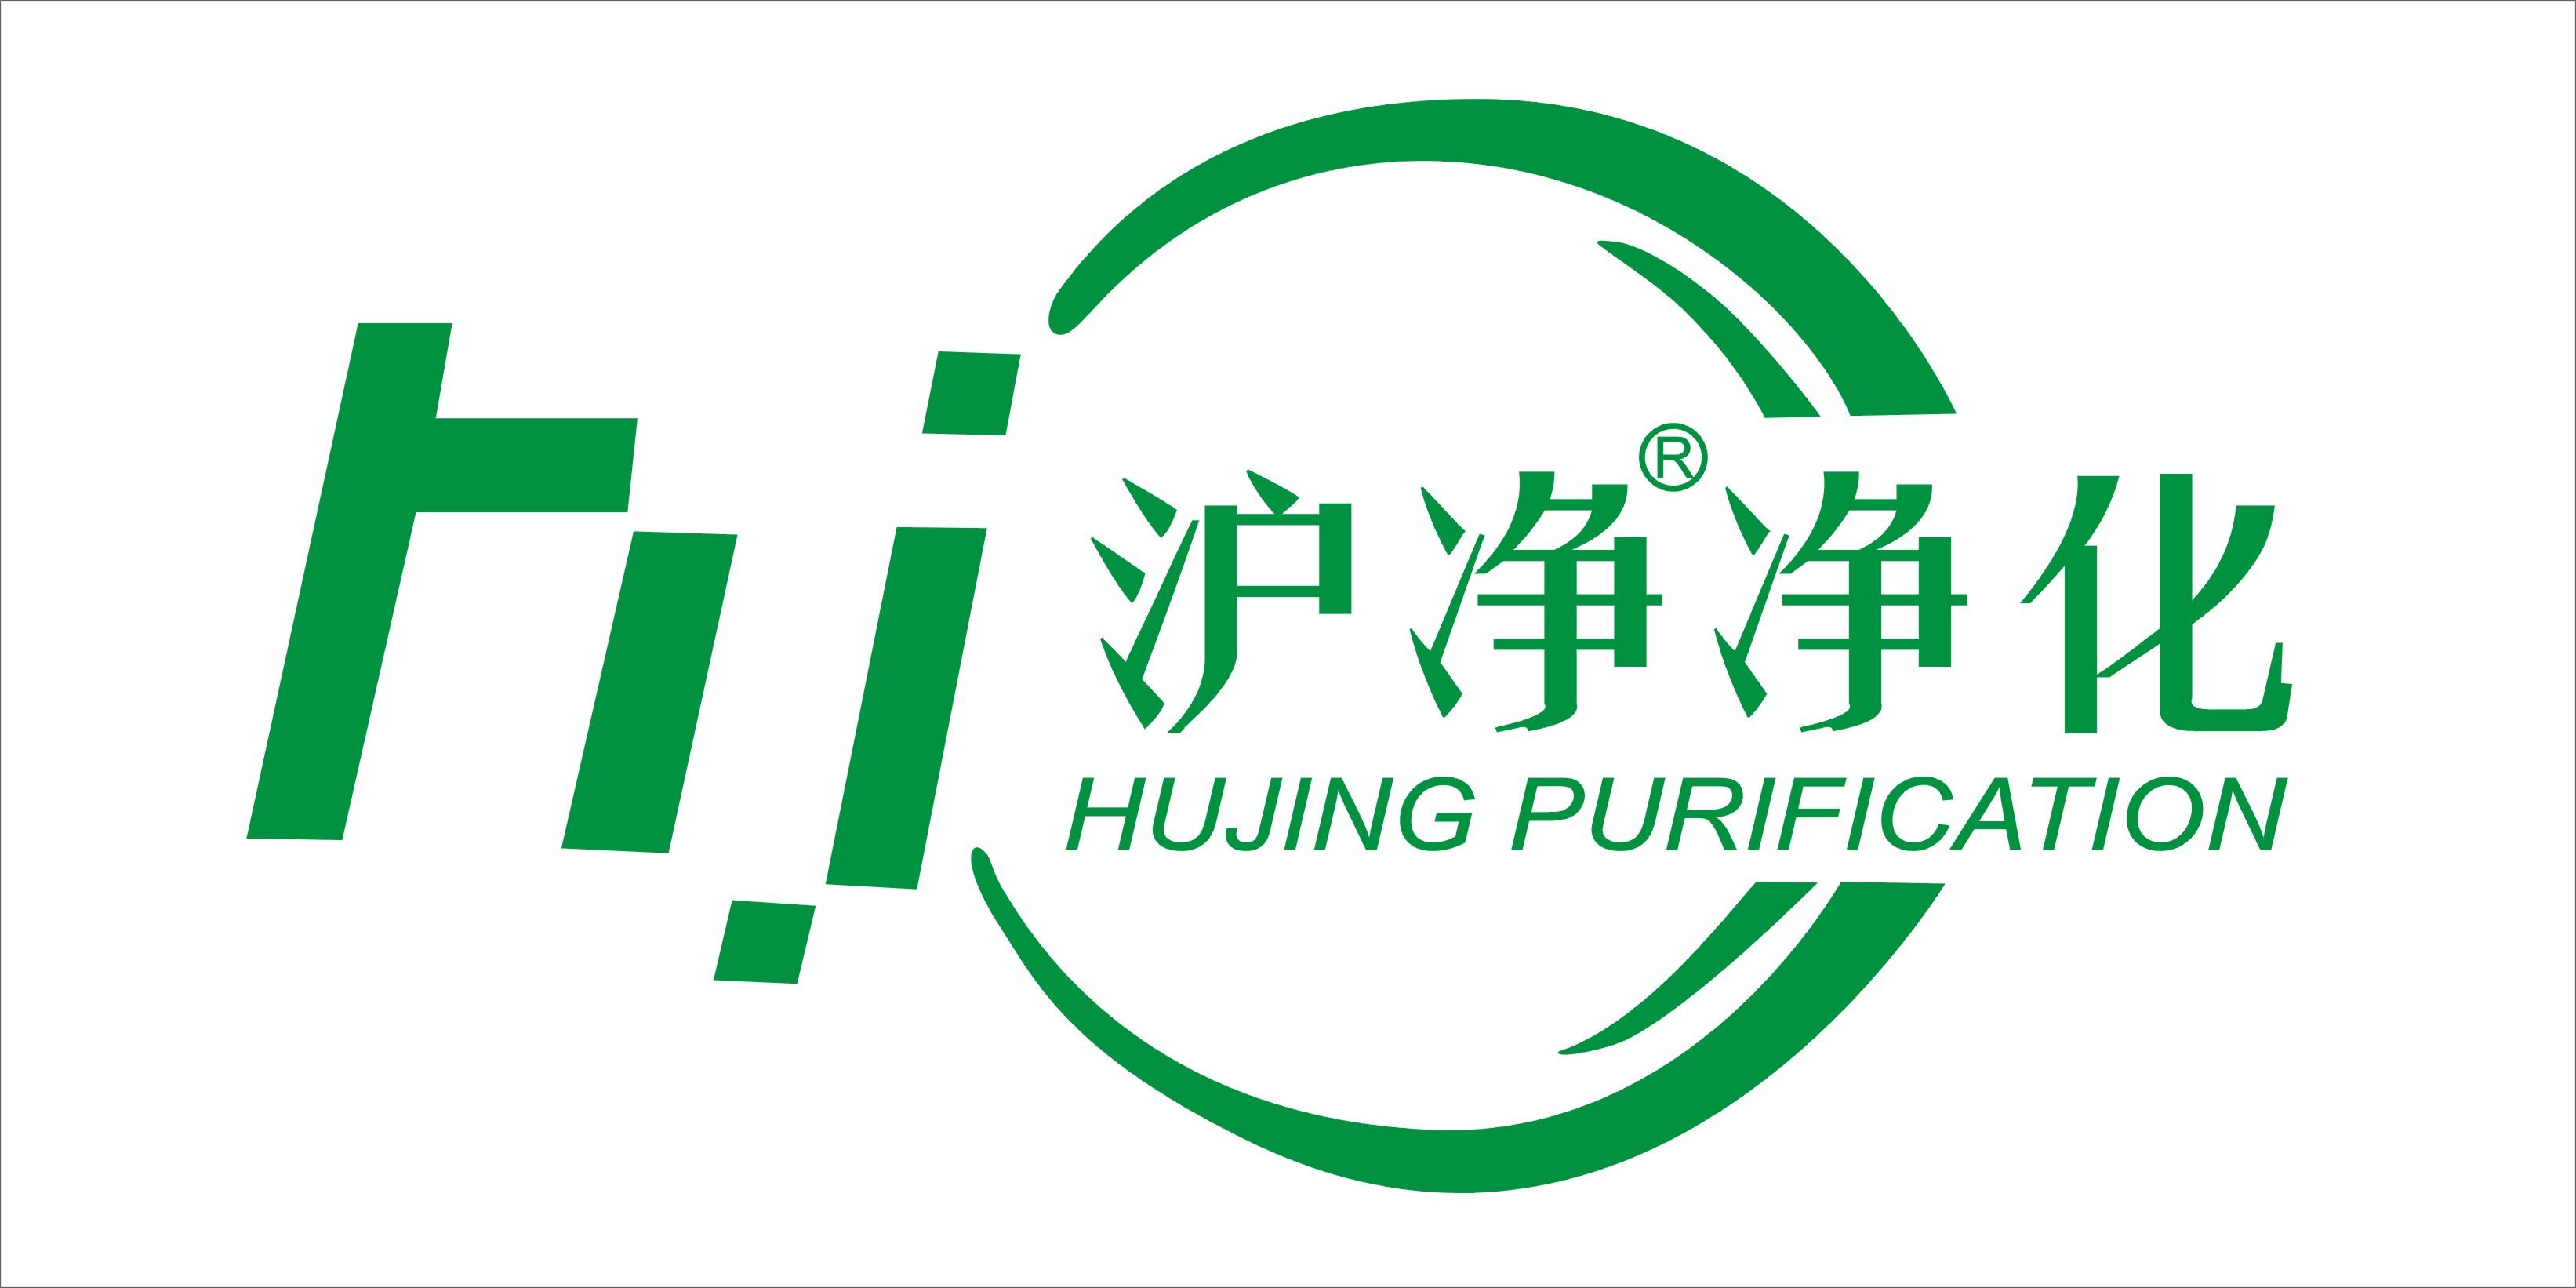 上海滬凈醫療器械有限公司